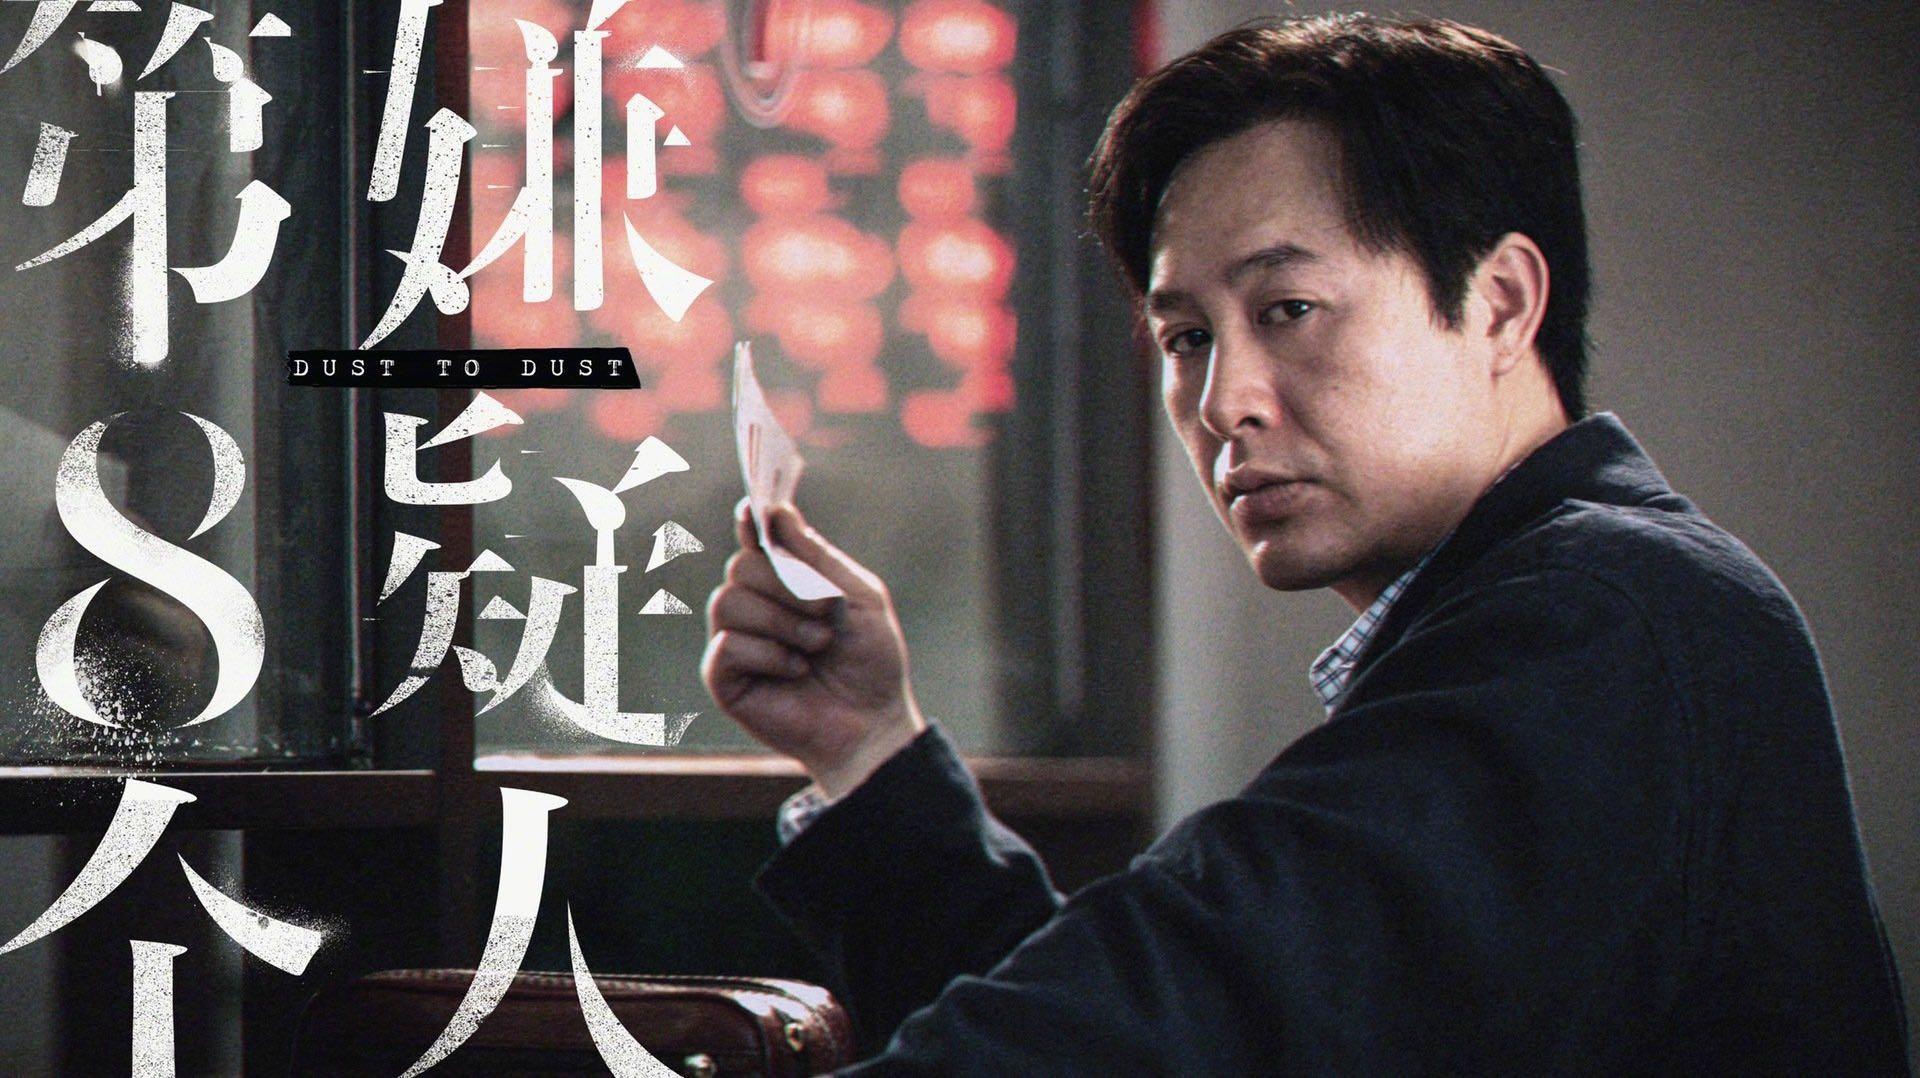 海尔le42a90(猪八戒吃西瓜)张颂文《第八个嫌疑人》电影杀青 戏里戏外诠释敬业情绪